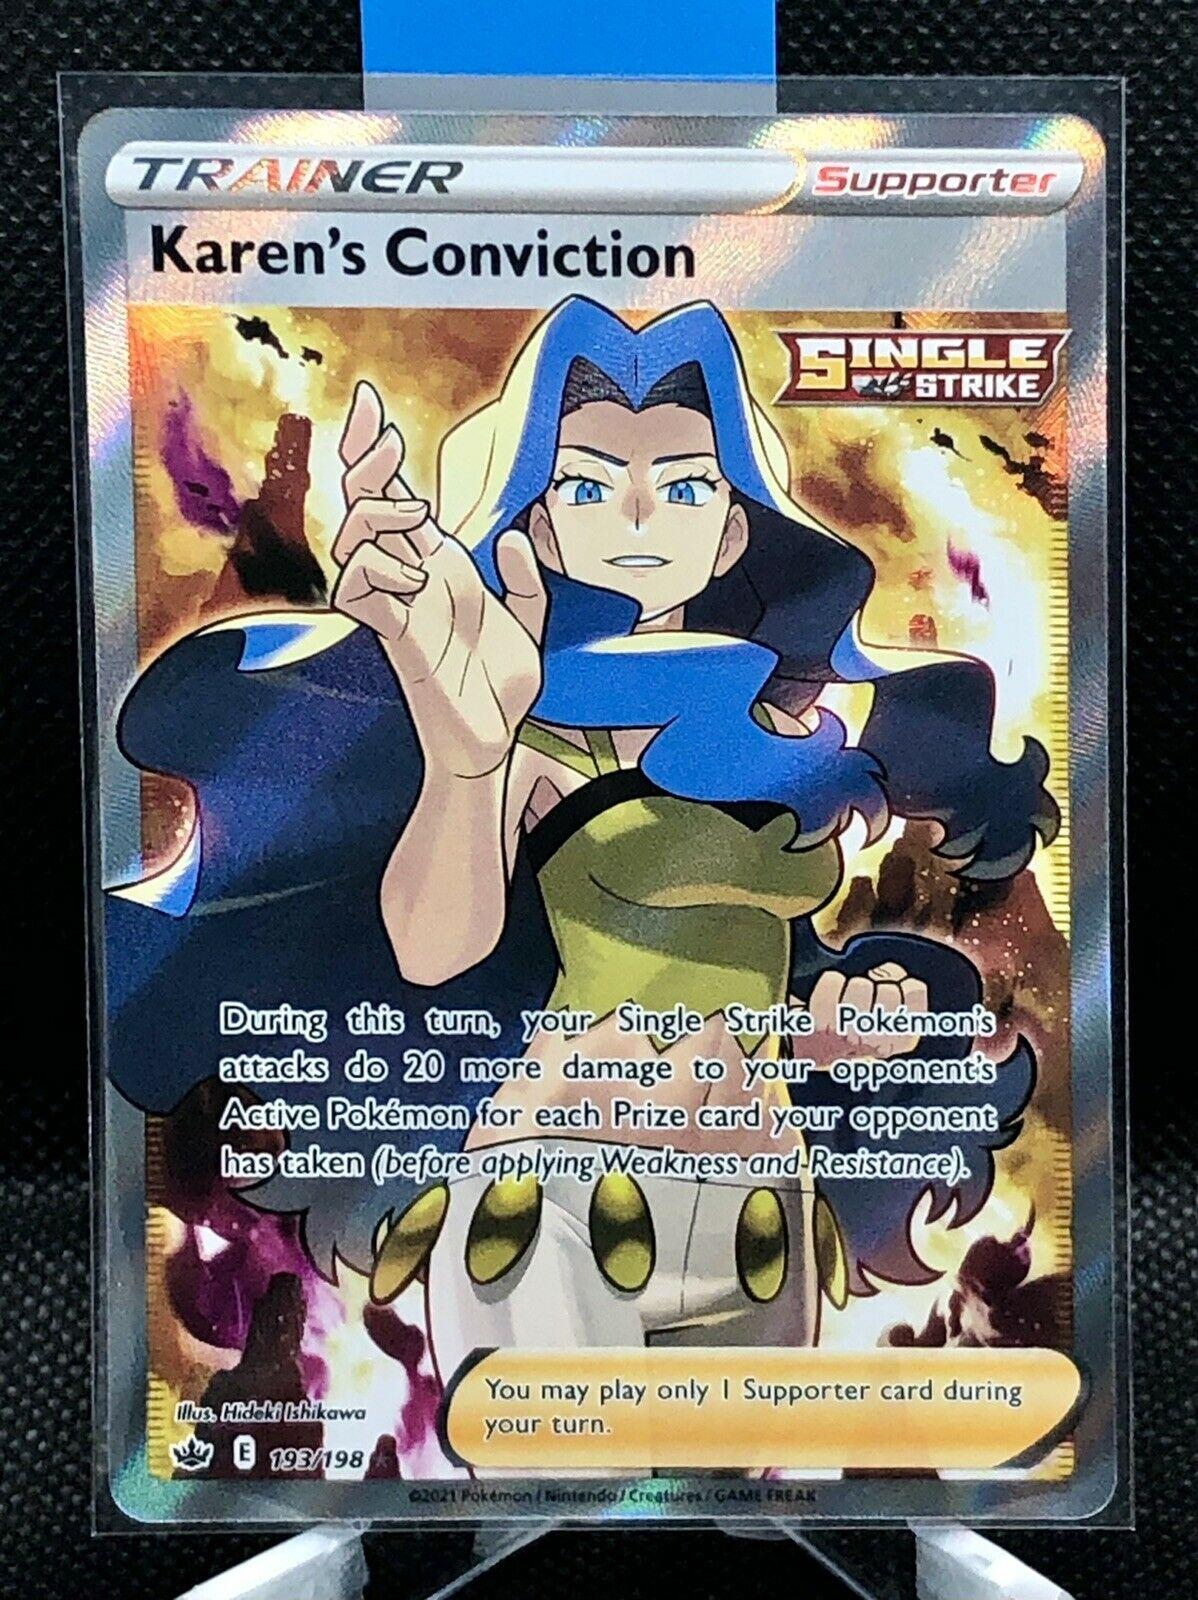 Karen's Conviction Full Art Chilling Reign 193/198 PSA 9 or 10 Pokemon!!